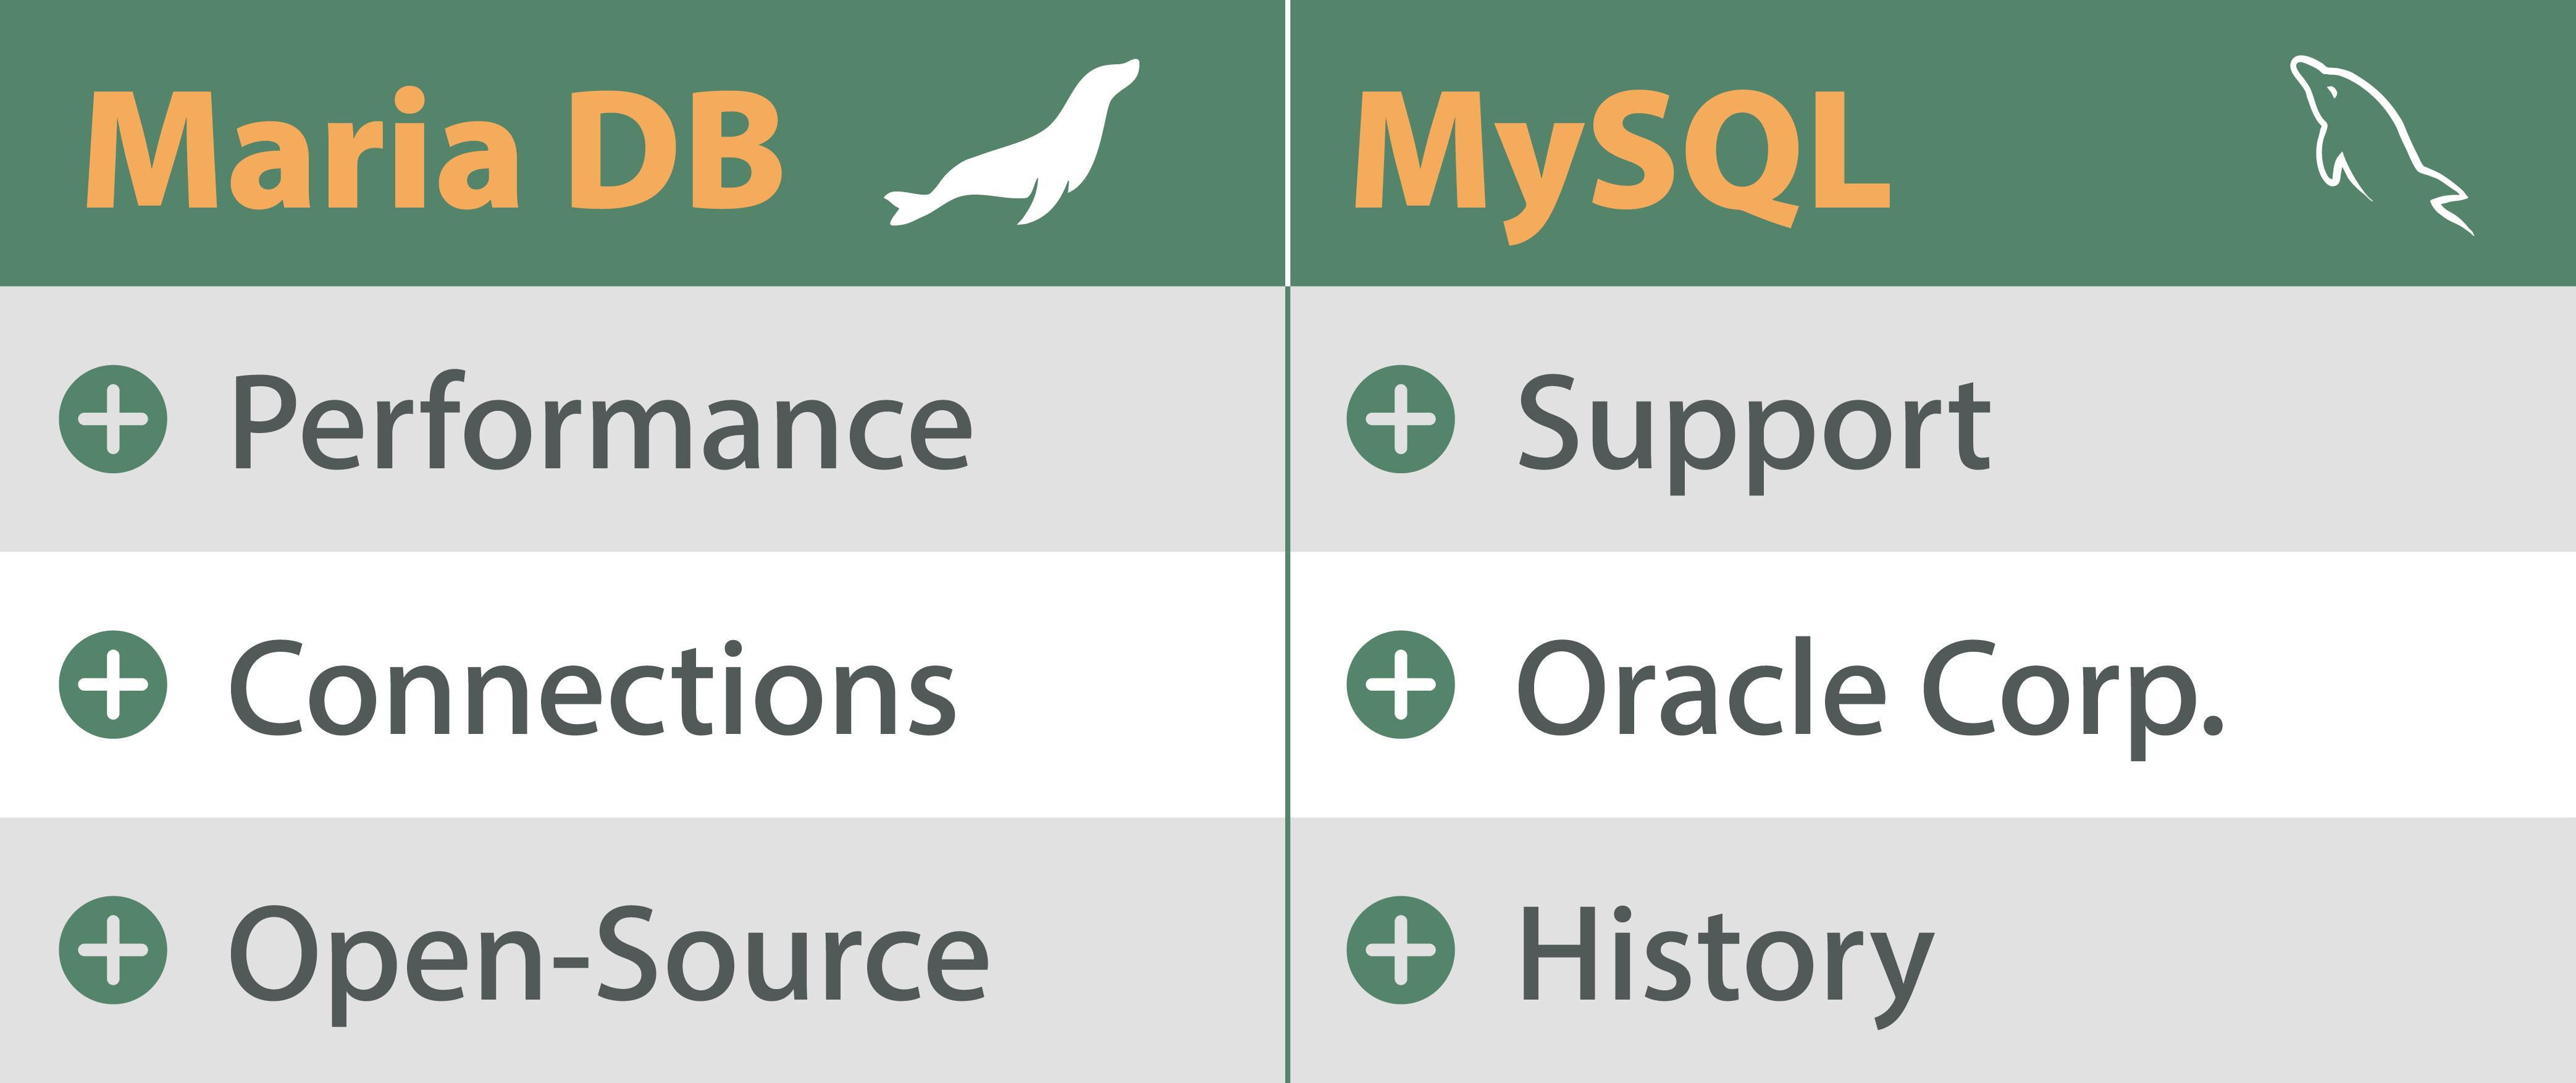 Database comparison MariaDB and MySQL